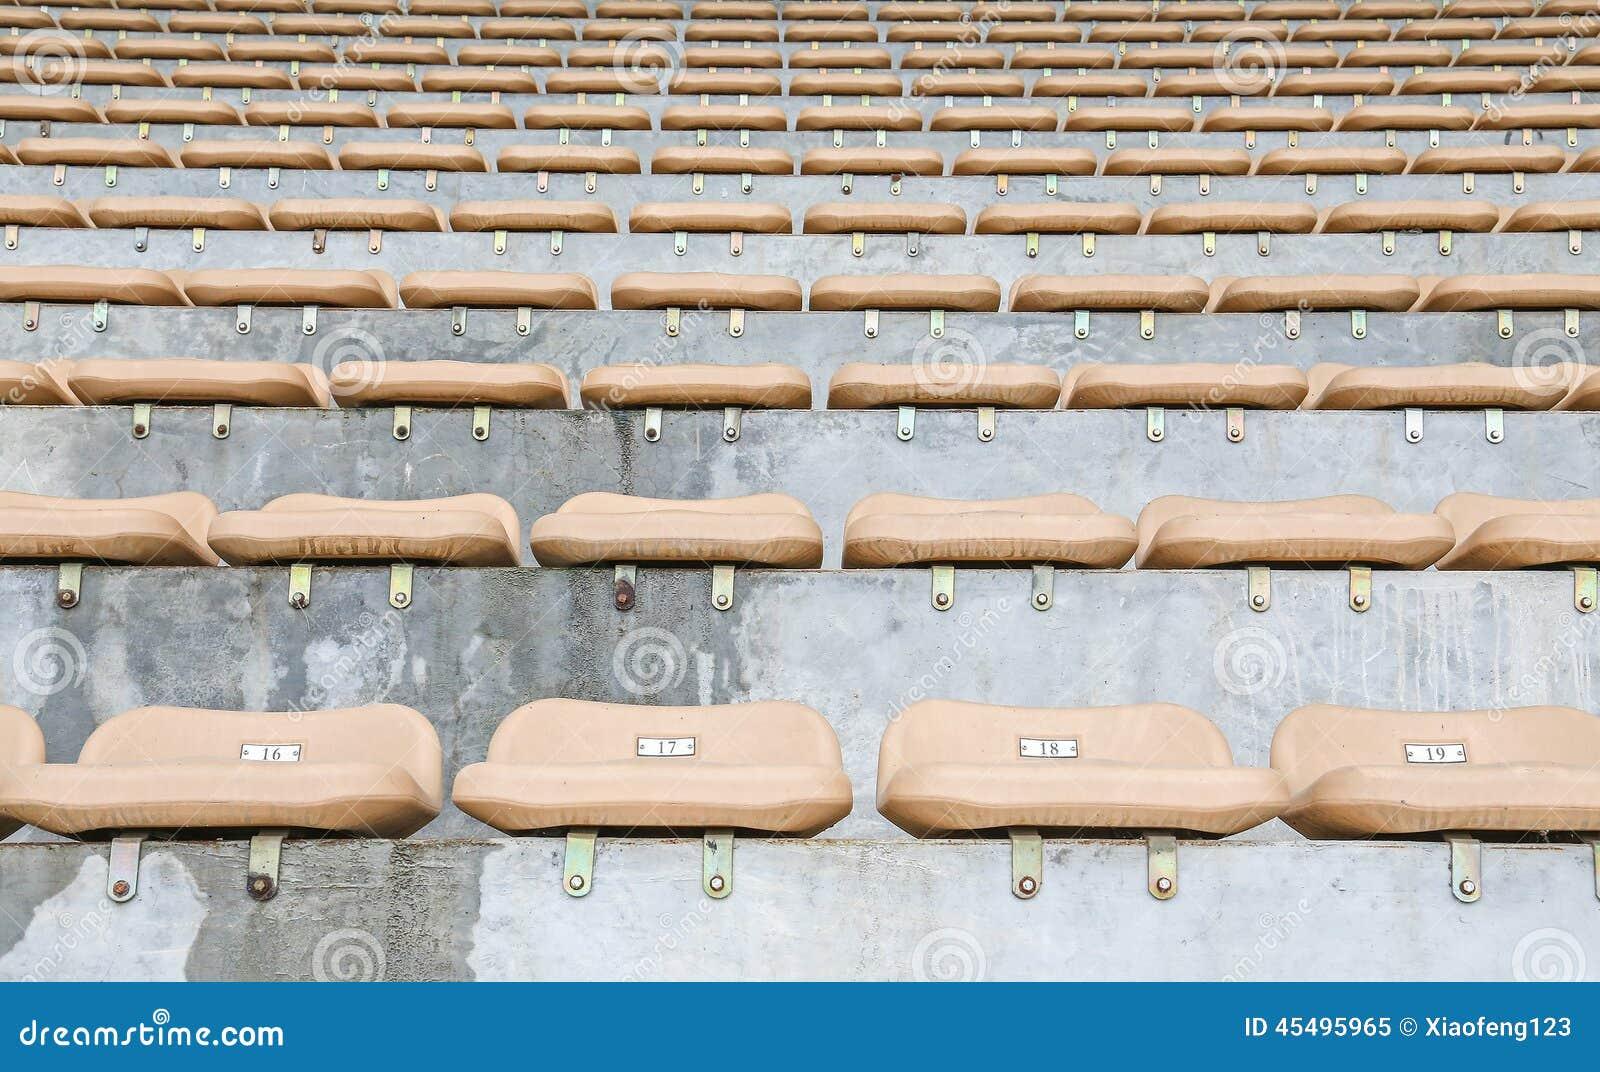 位子在体育场内